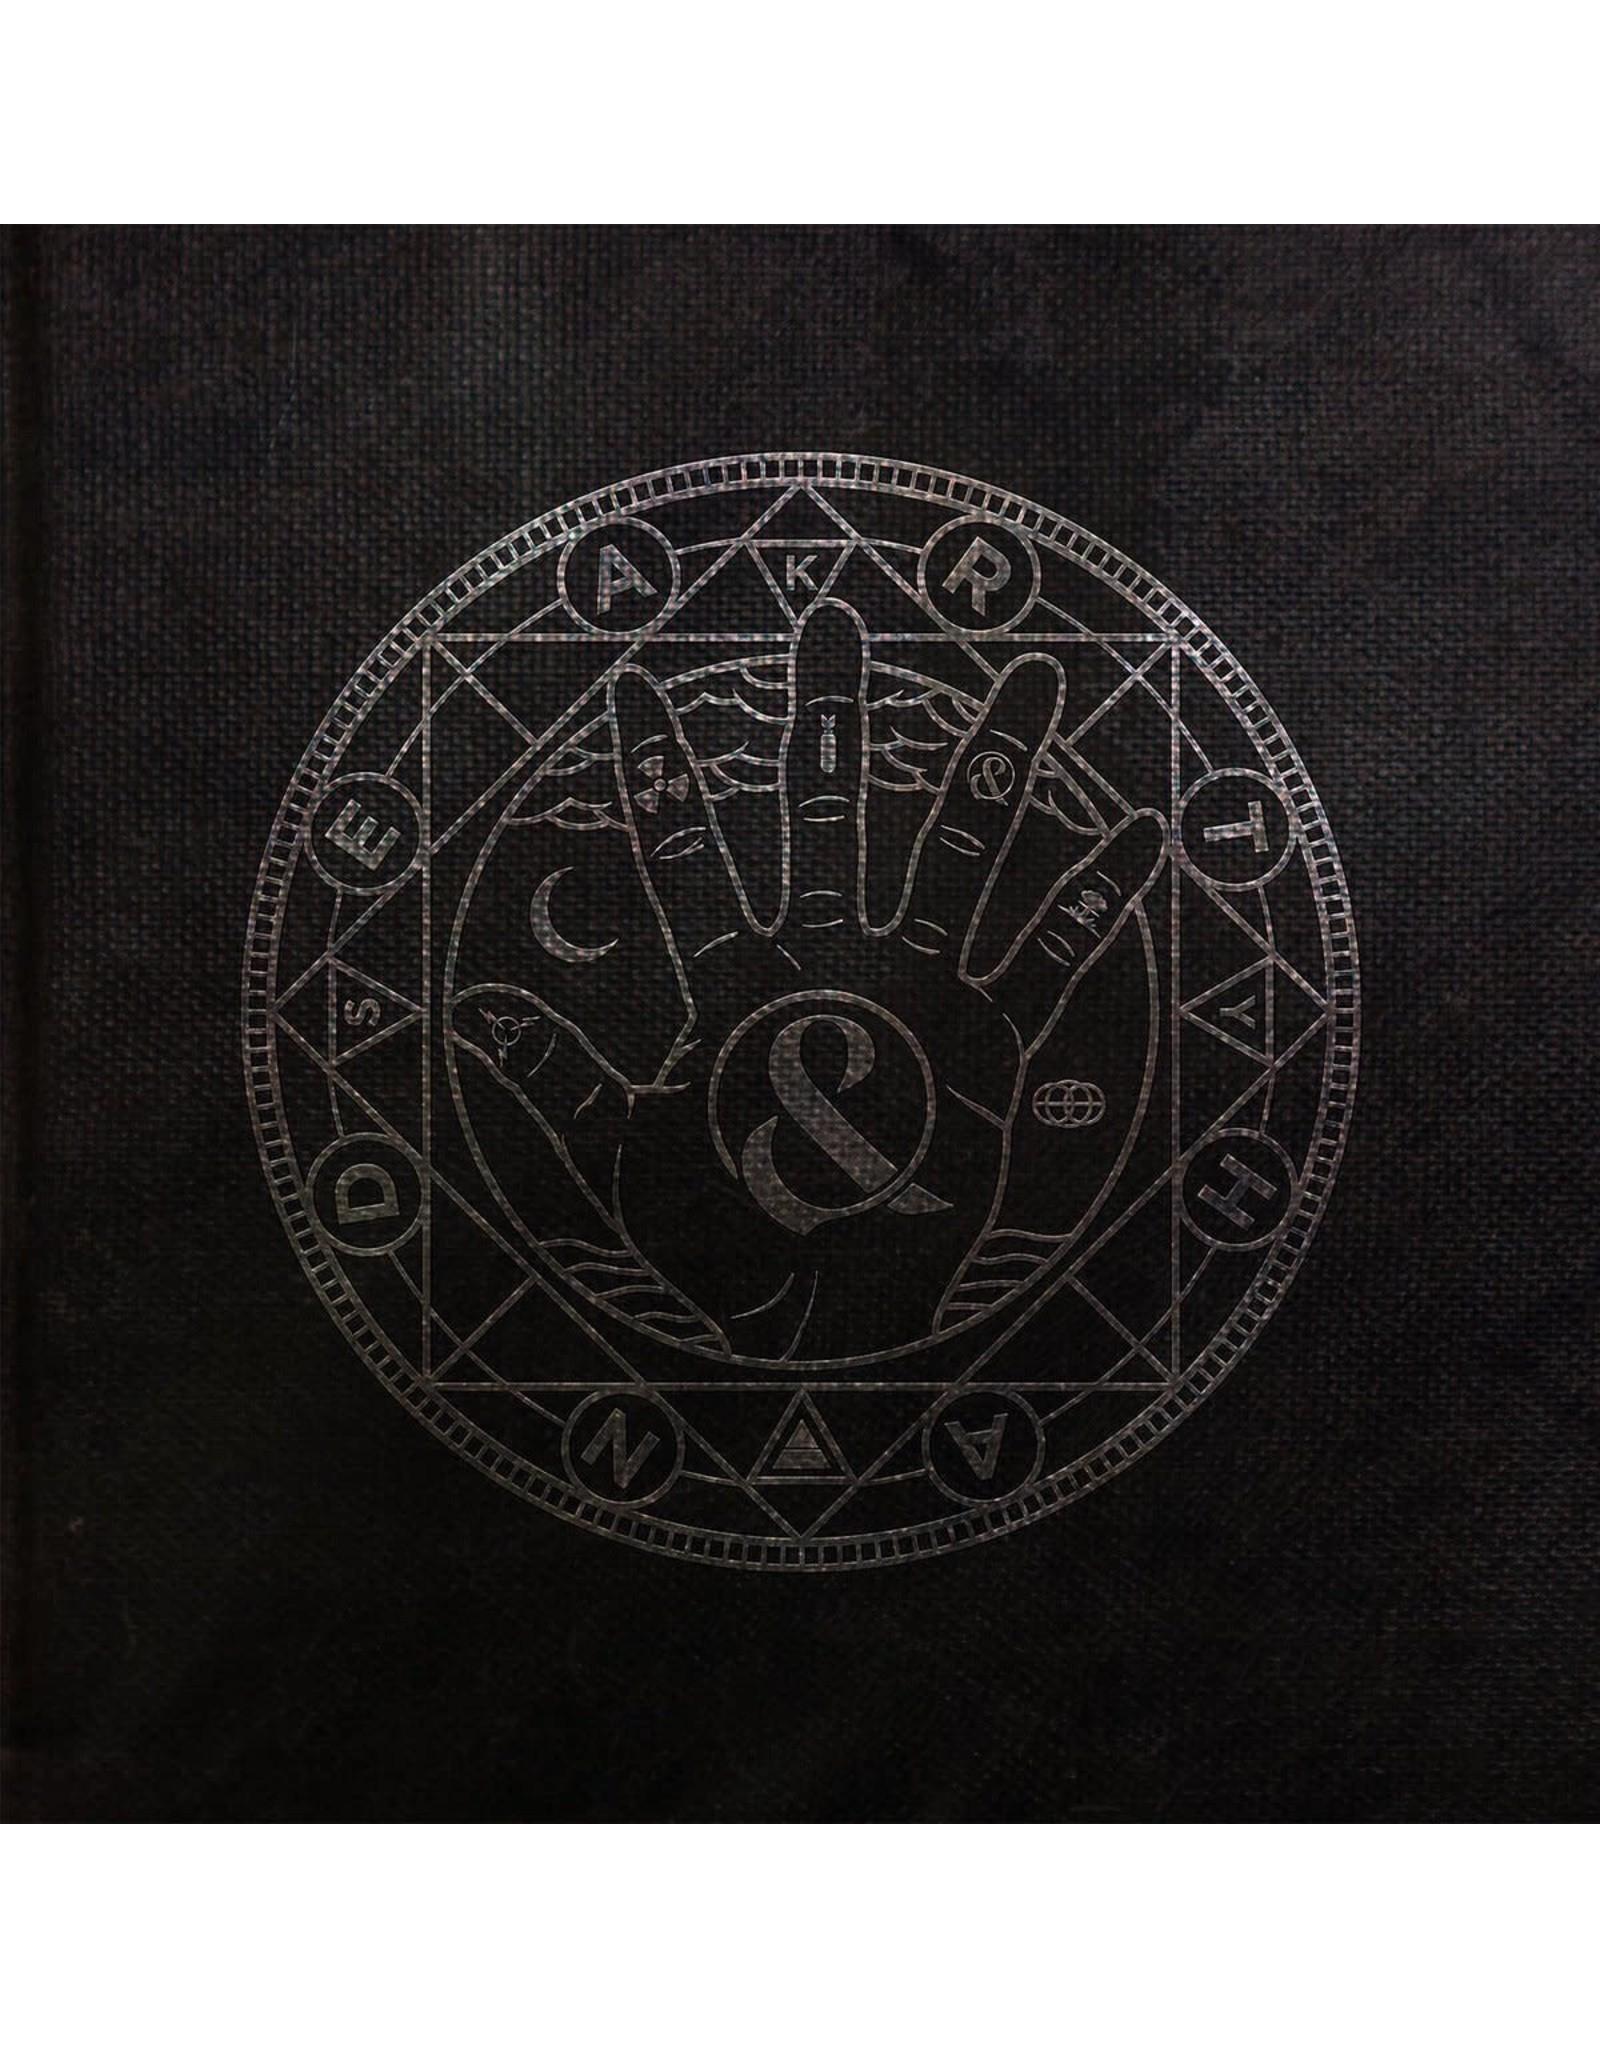 Of Mice & Men - Earthandsky LP